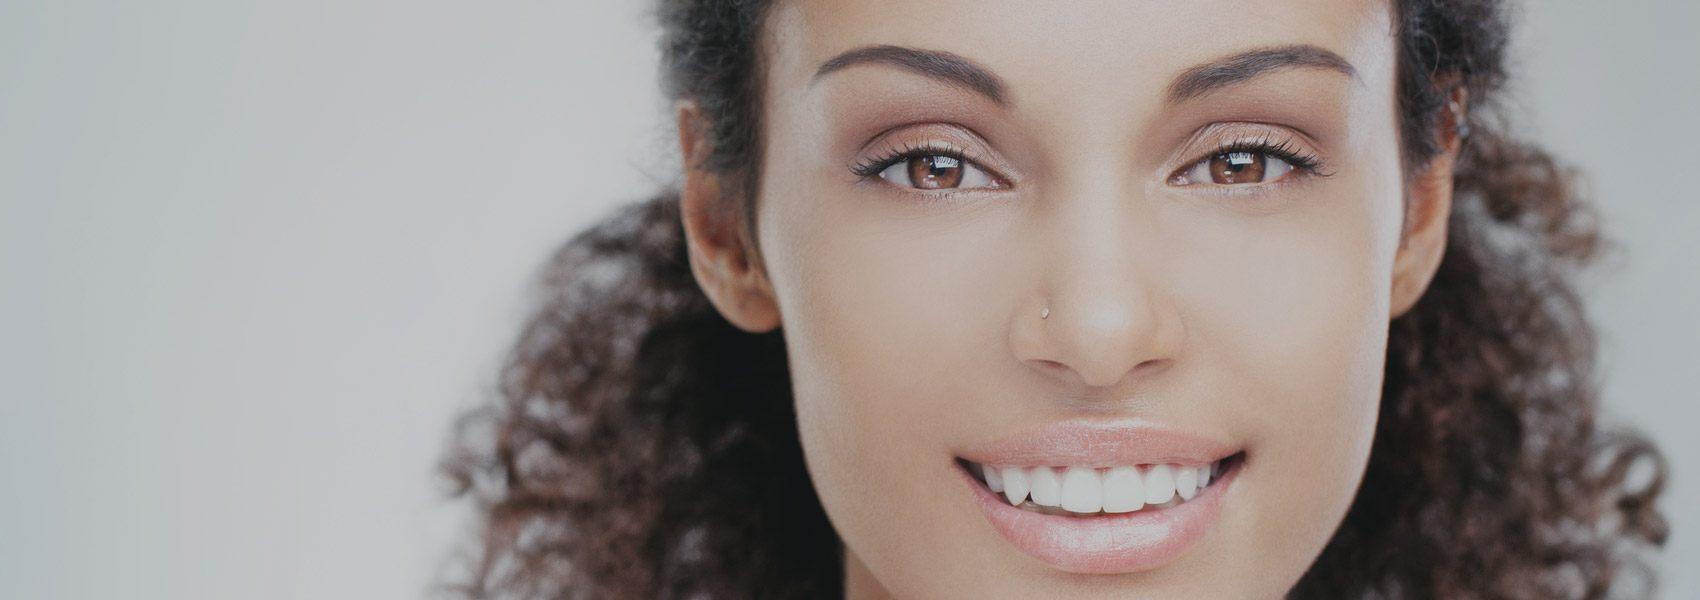 Porcelain Veneers - Distinctive Dentistry